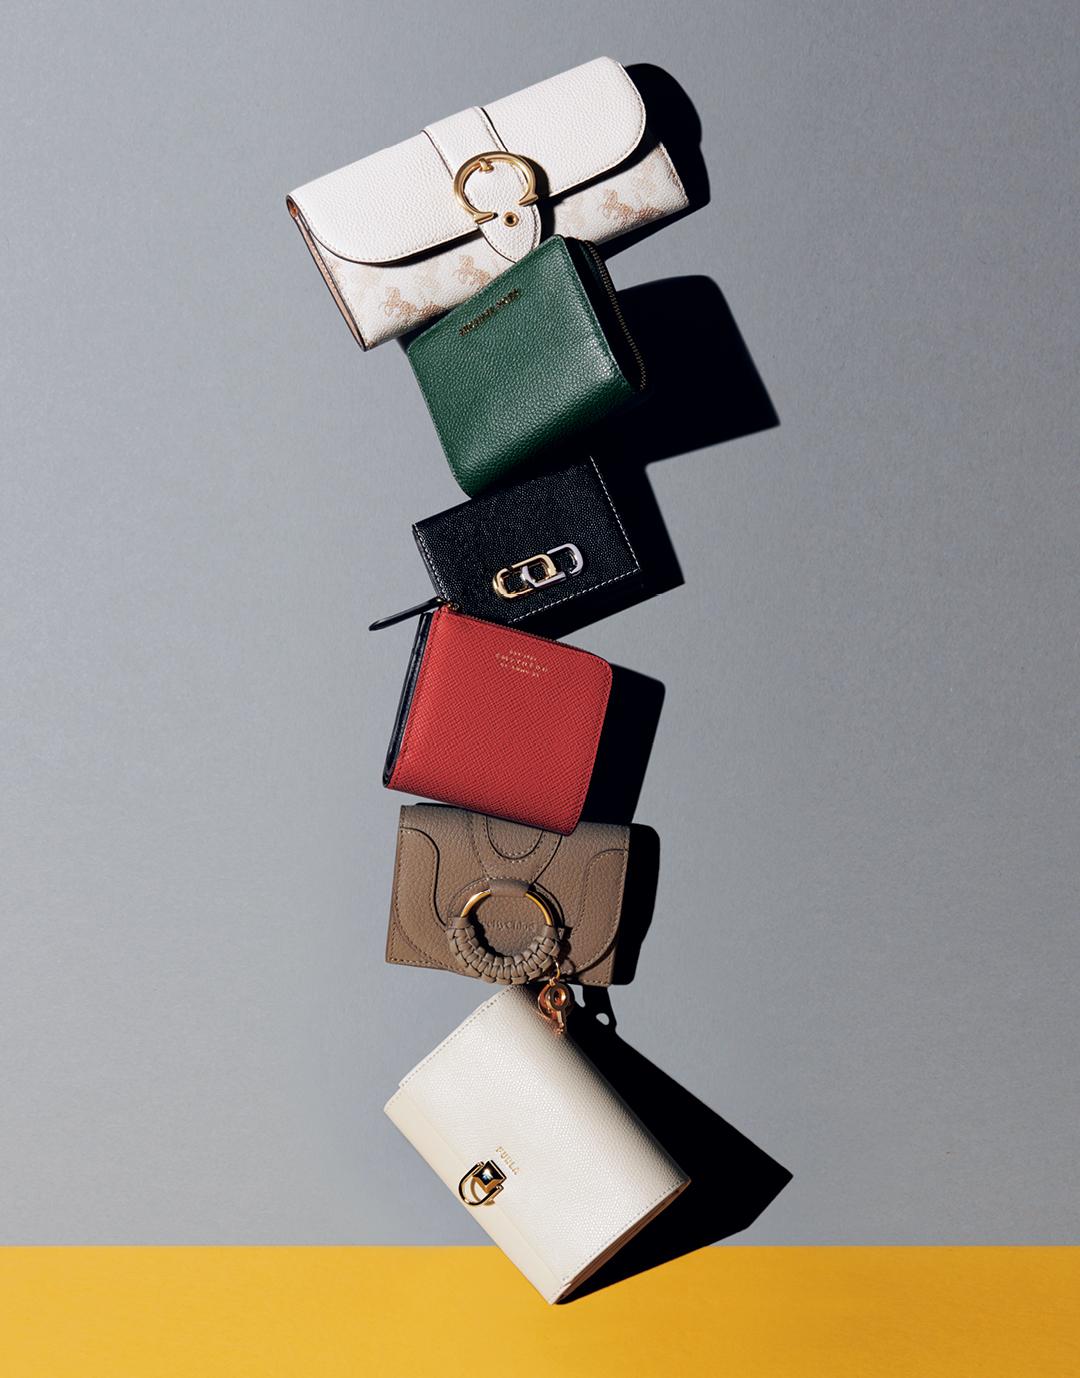 【憧れブランドの財布2021】大人っぽく決める! 新年のおすすめ財布6選_1_3